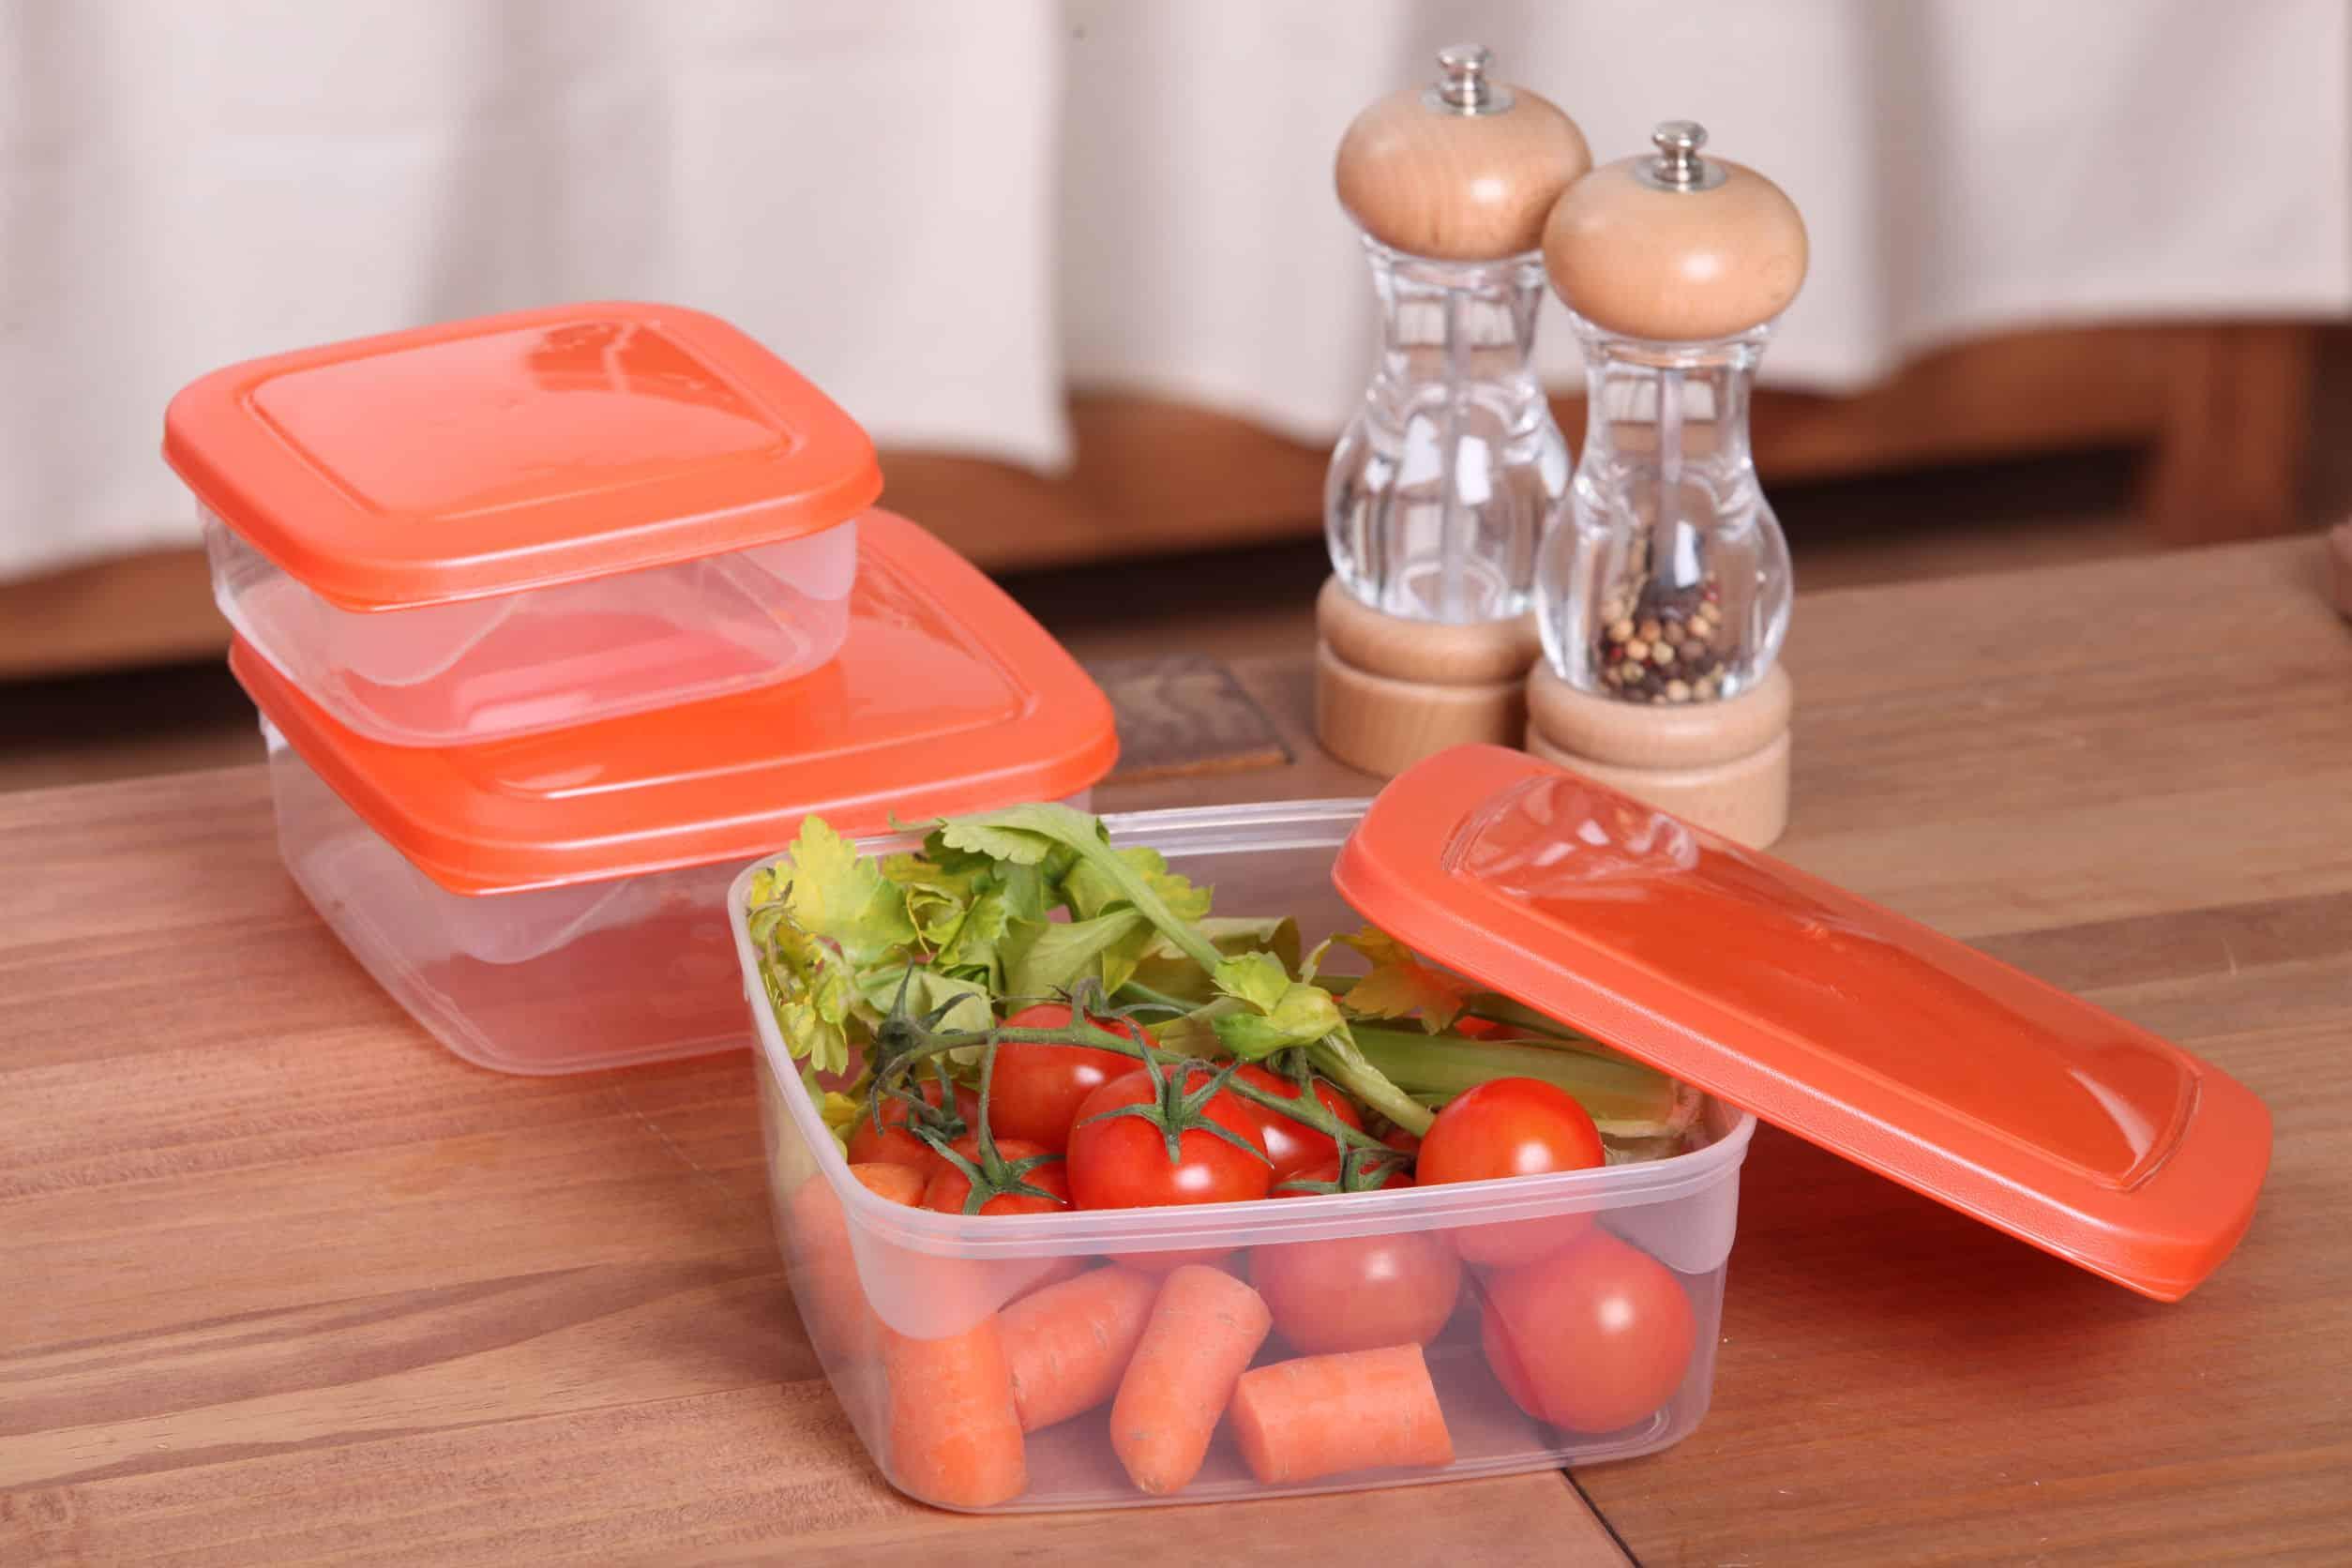 Potes de plásticos fechados e abertos, com alimentos dentro, saleiro e pimenteiro atrás.